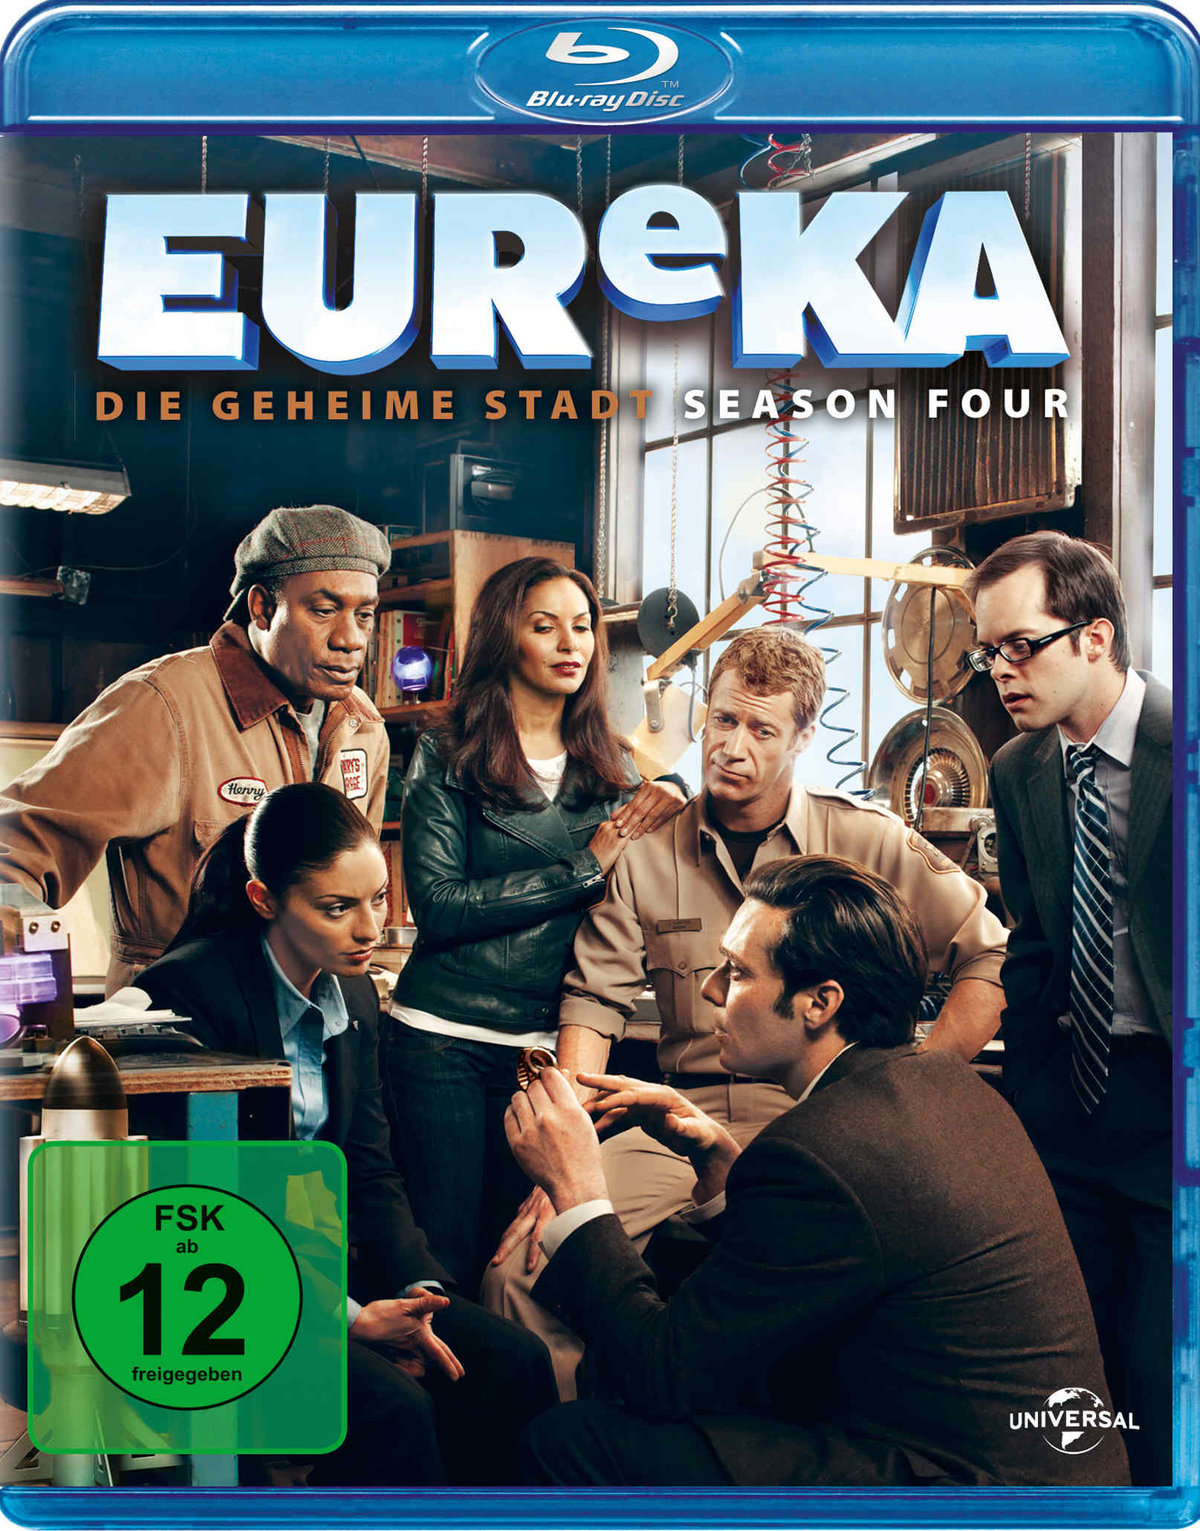 Eureka - Staffel 4 (5 Blu-rays)